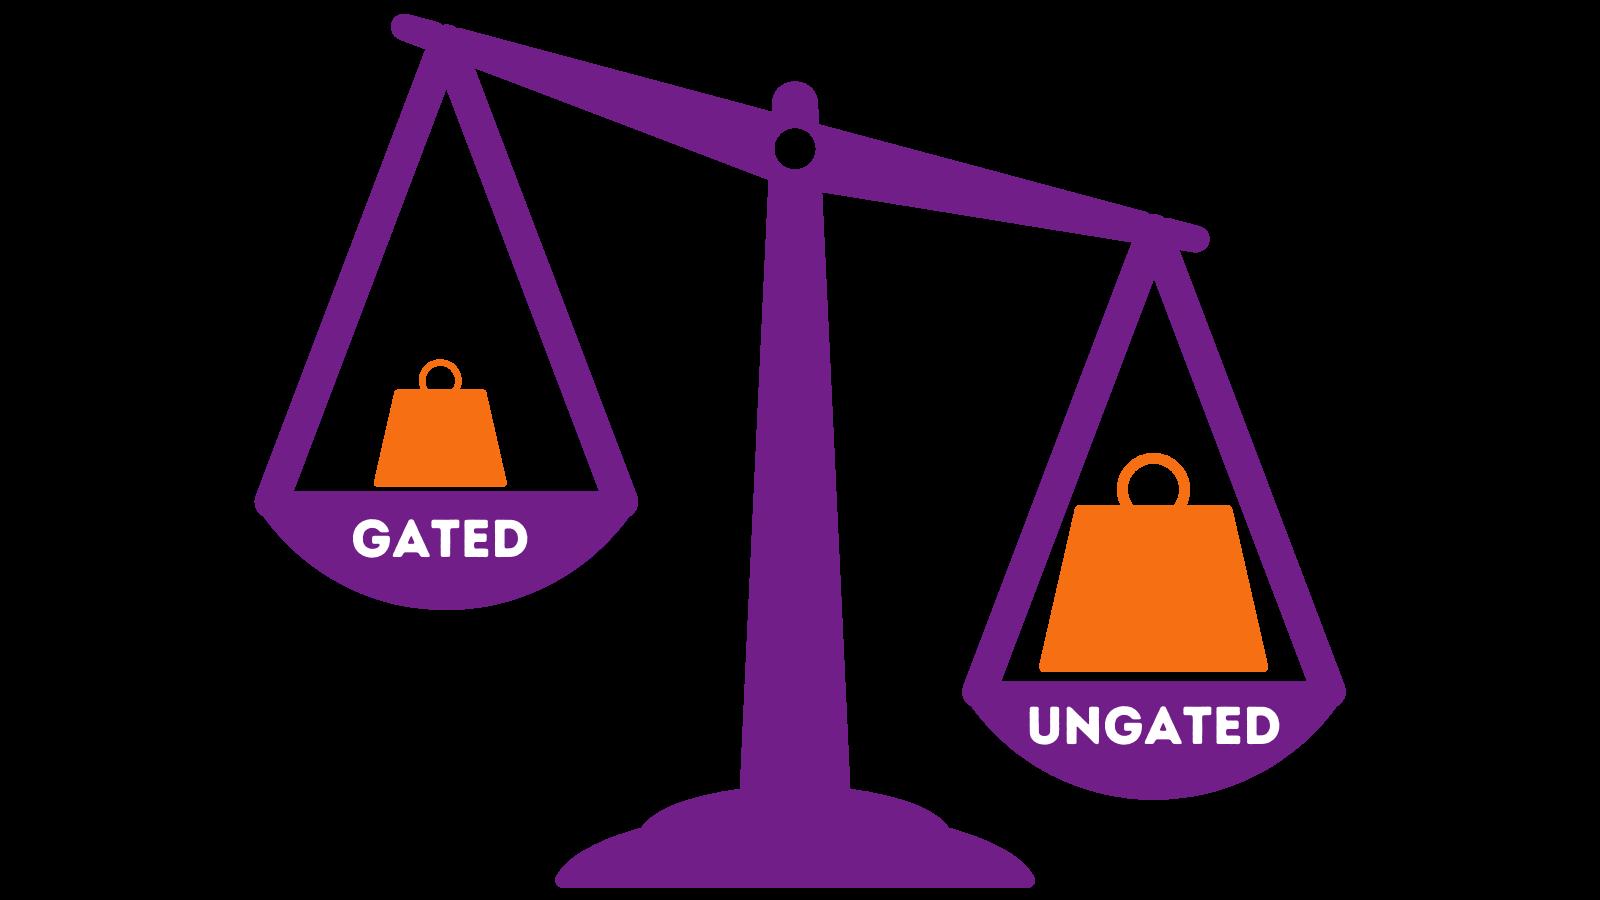 Gates Content vs Ungated Content